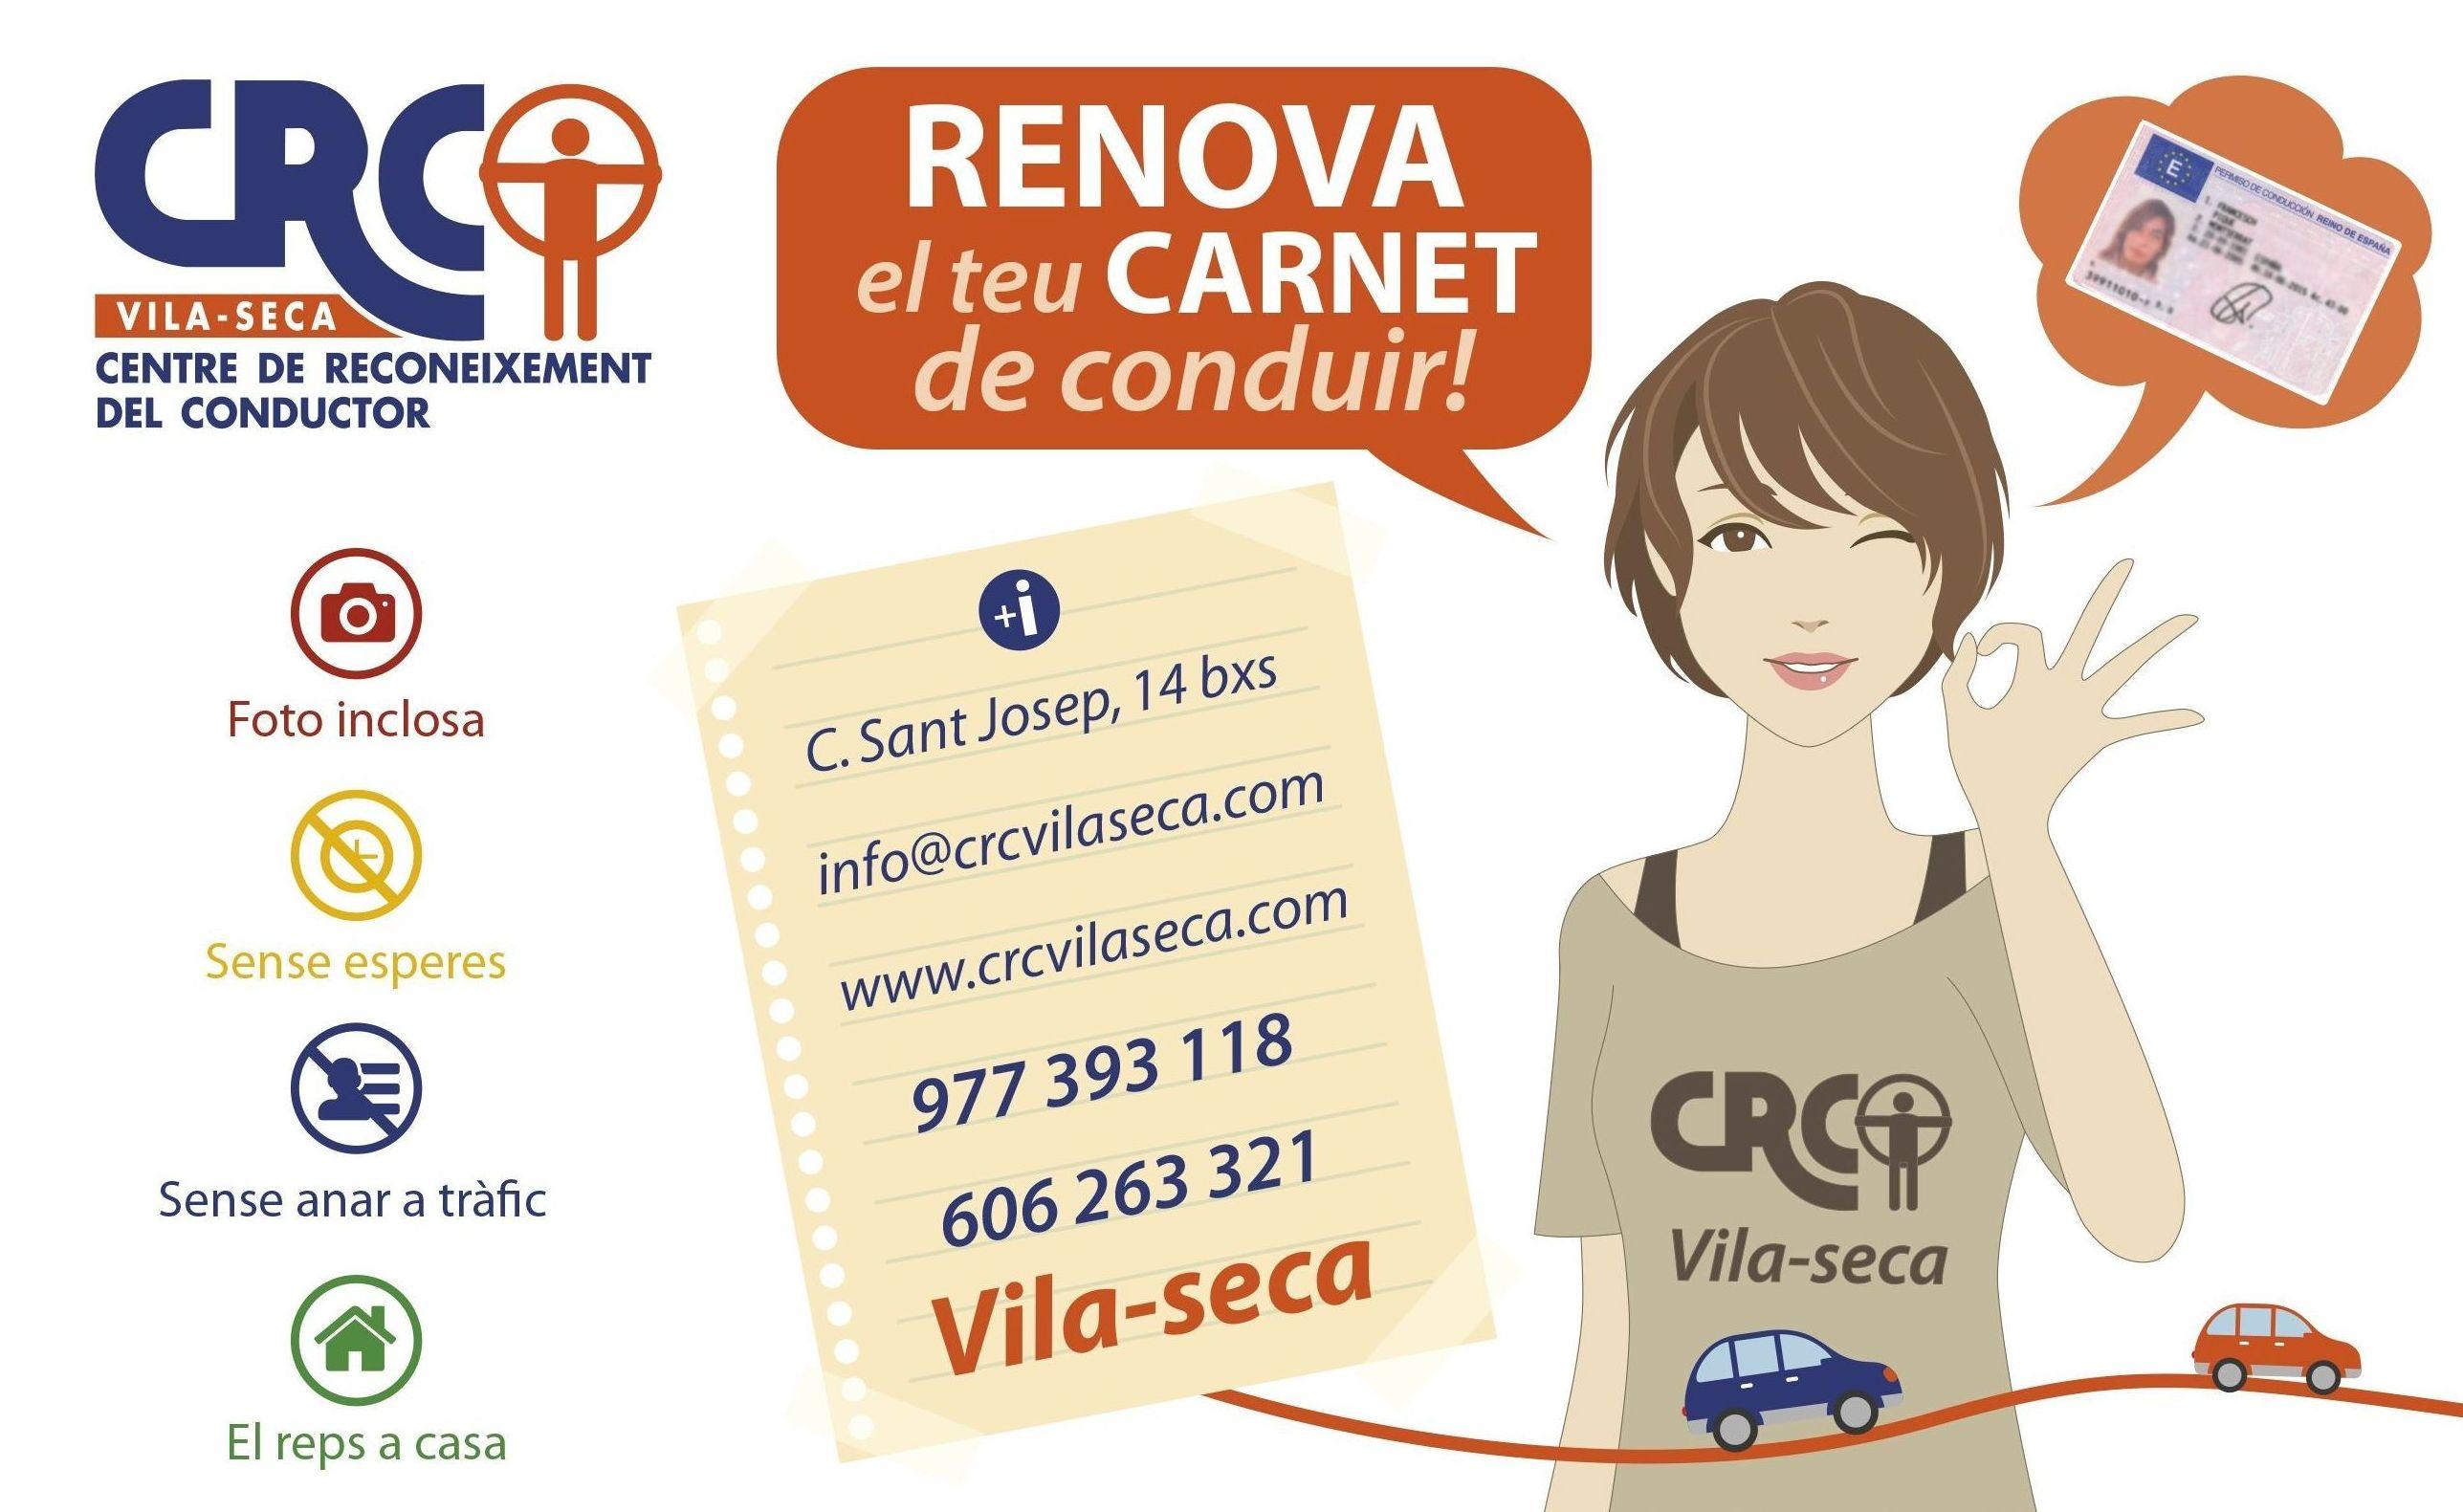 Foto 14 de Reconocimientos y certificados médicos en Vila-seca | CENTRE DE RECONEIXEMENT DEL CONDUCTOR DE VILA-SECA